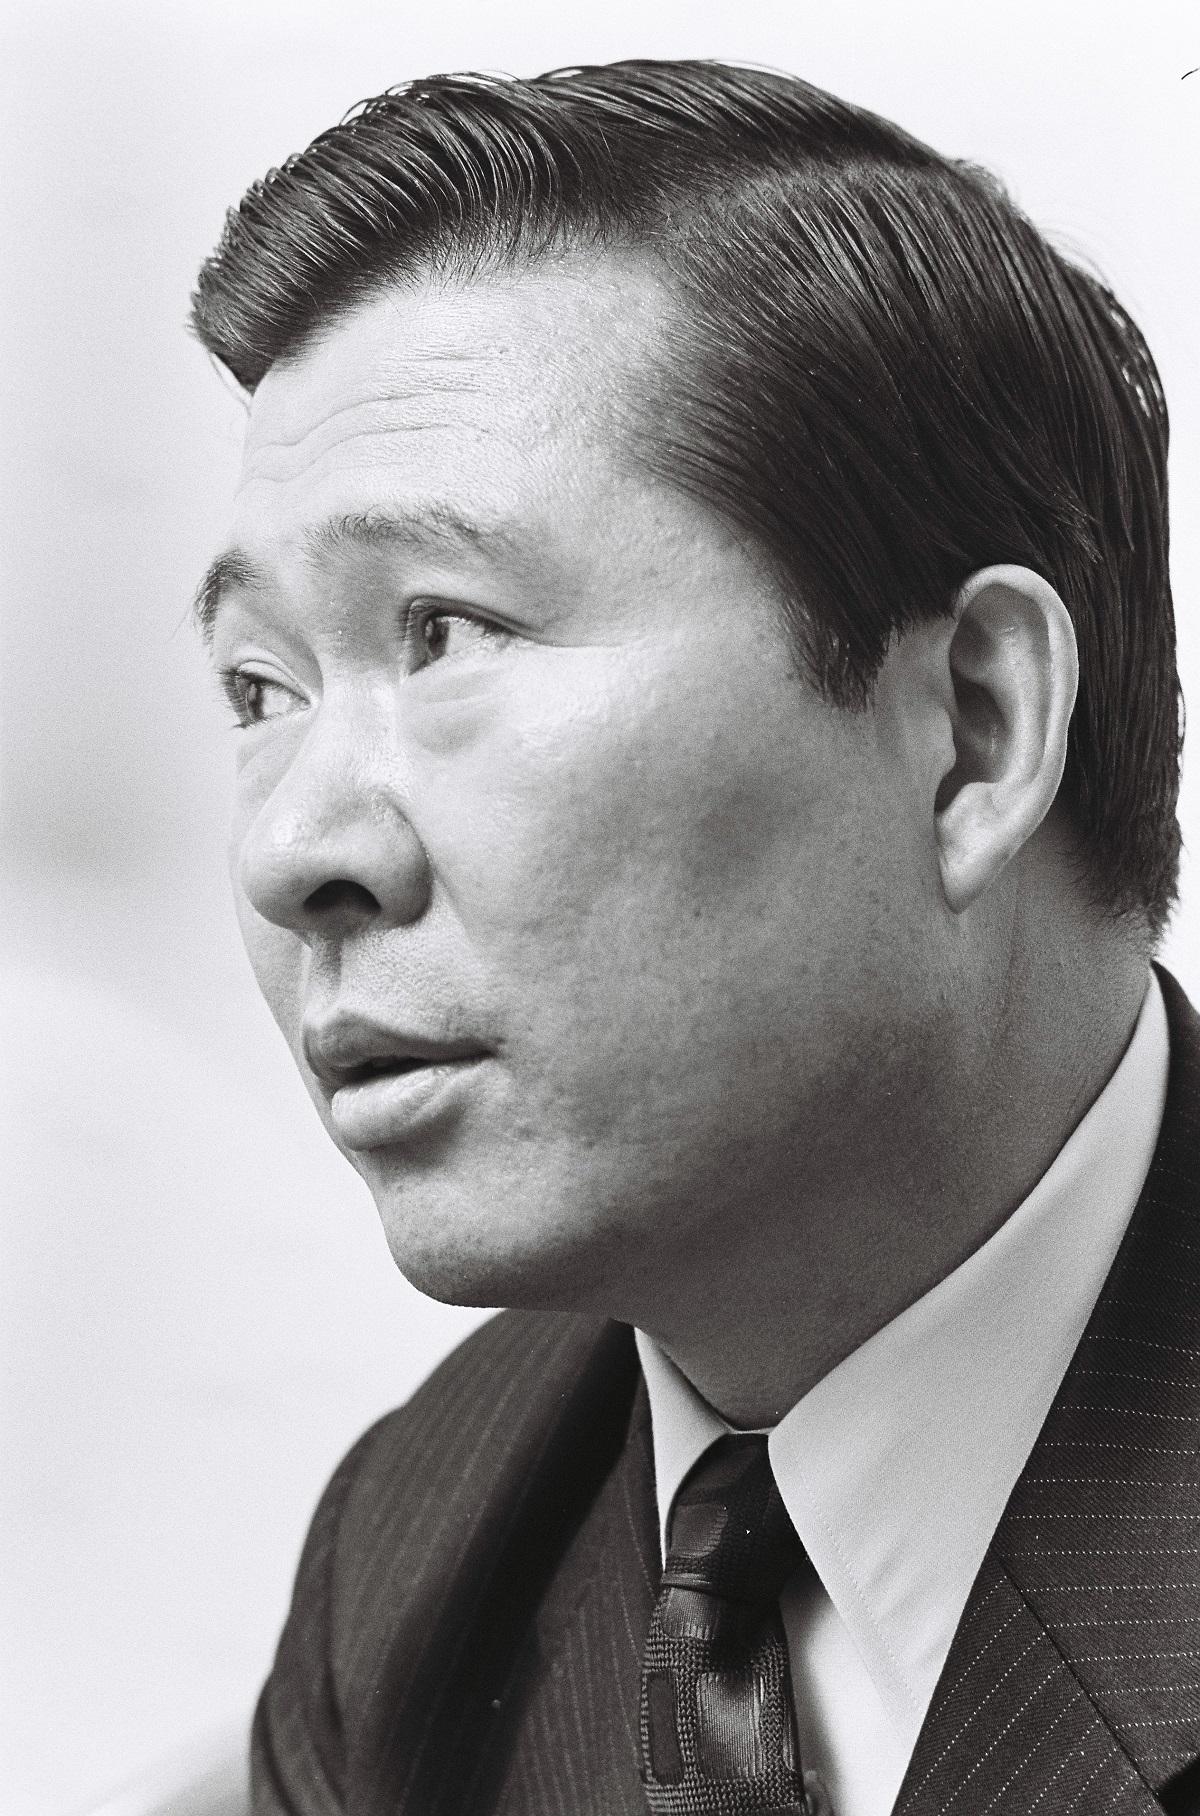 写真・図版 : 小此木政夫さんが韓国に留学していたころの金大中氏。東京で拉致される事件の前年、1972年に撮影された